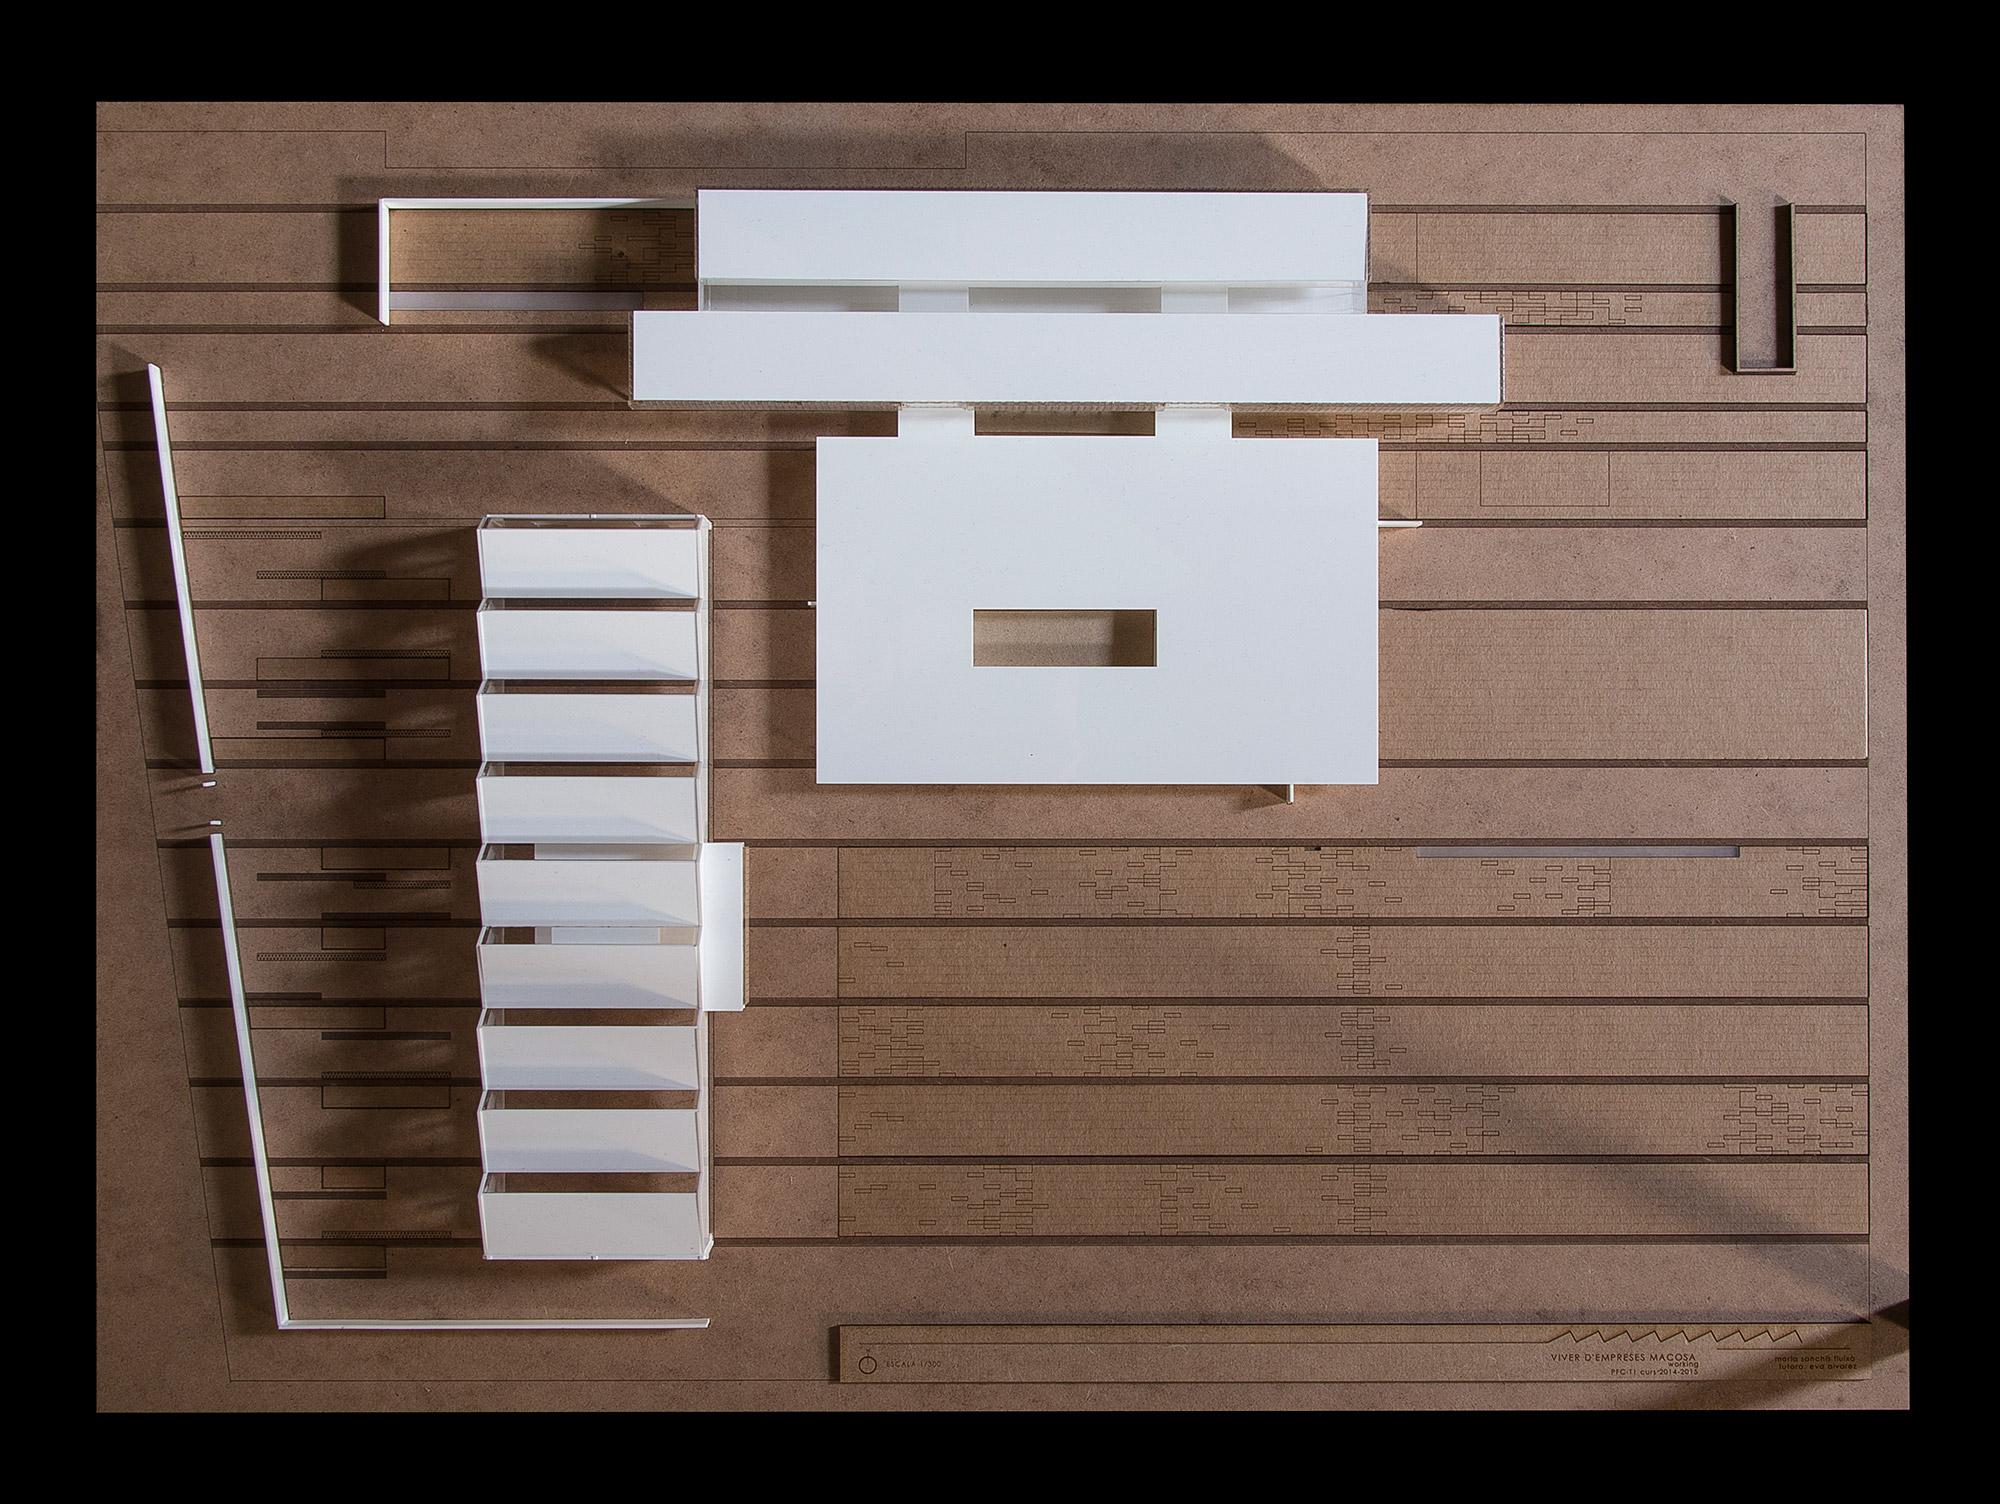 Edificio coworking arquiayuda ayuda pfc arquitectura - Servicios de arquitectura ...